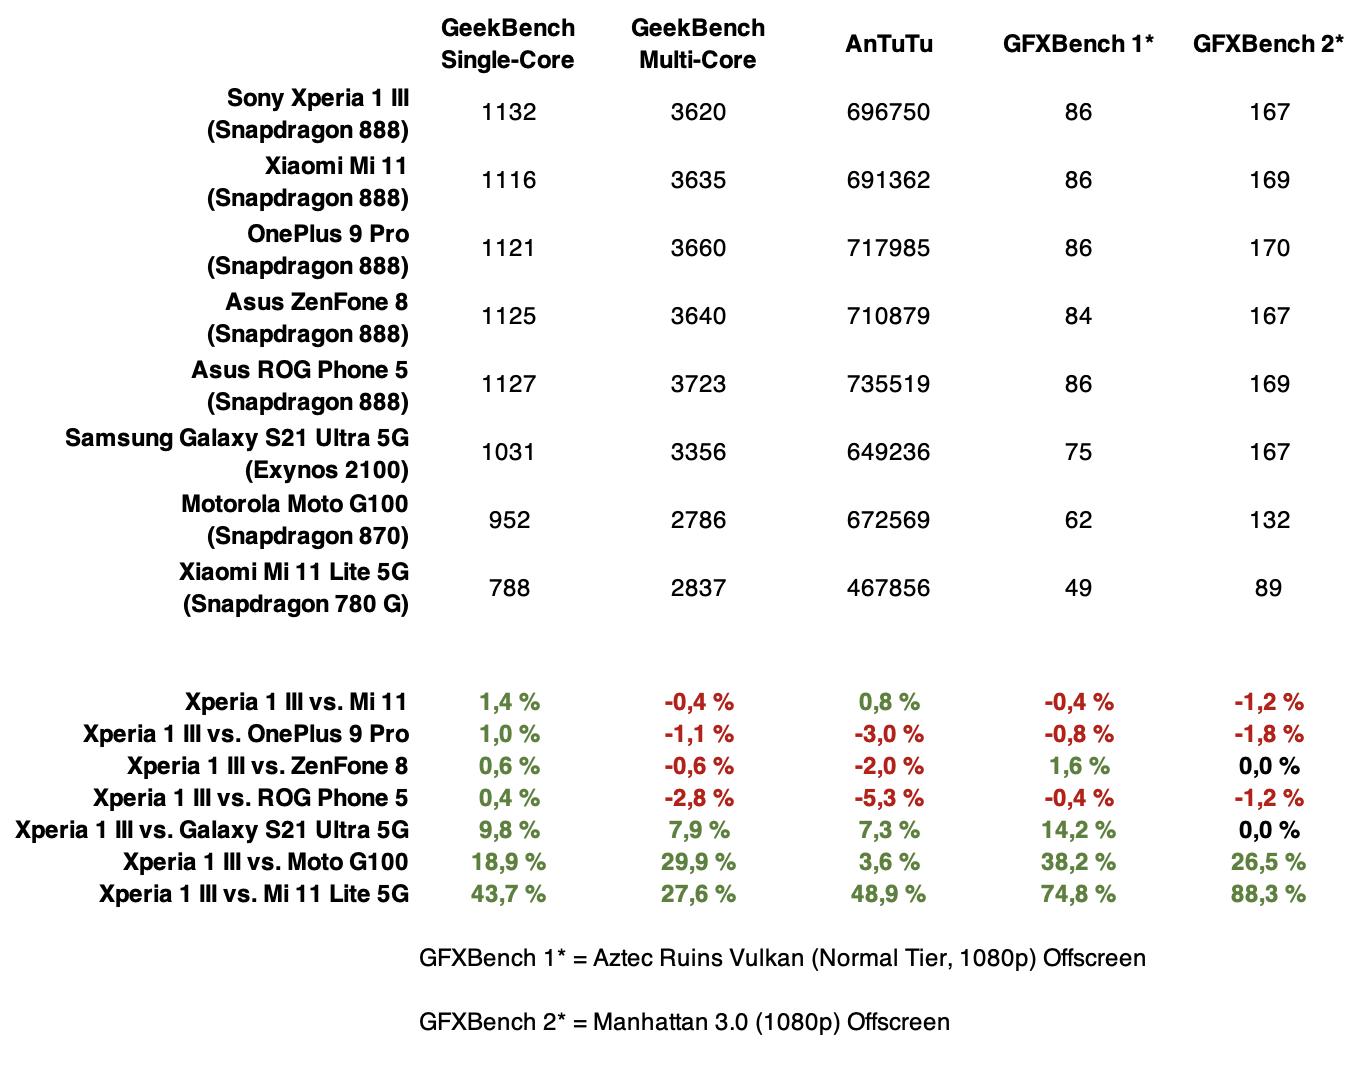 Sony Xperia 1 III:n suorituskyky verrattuna muutamiin kilpaileviin älypuhelimiin ja eri hintaluokan verrokkeihin.